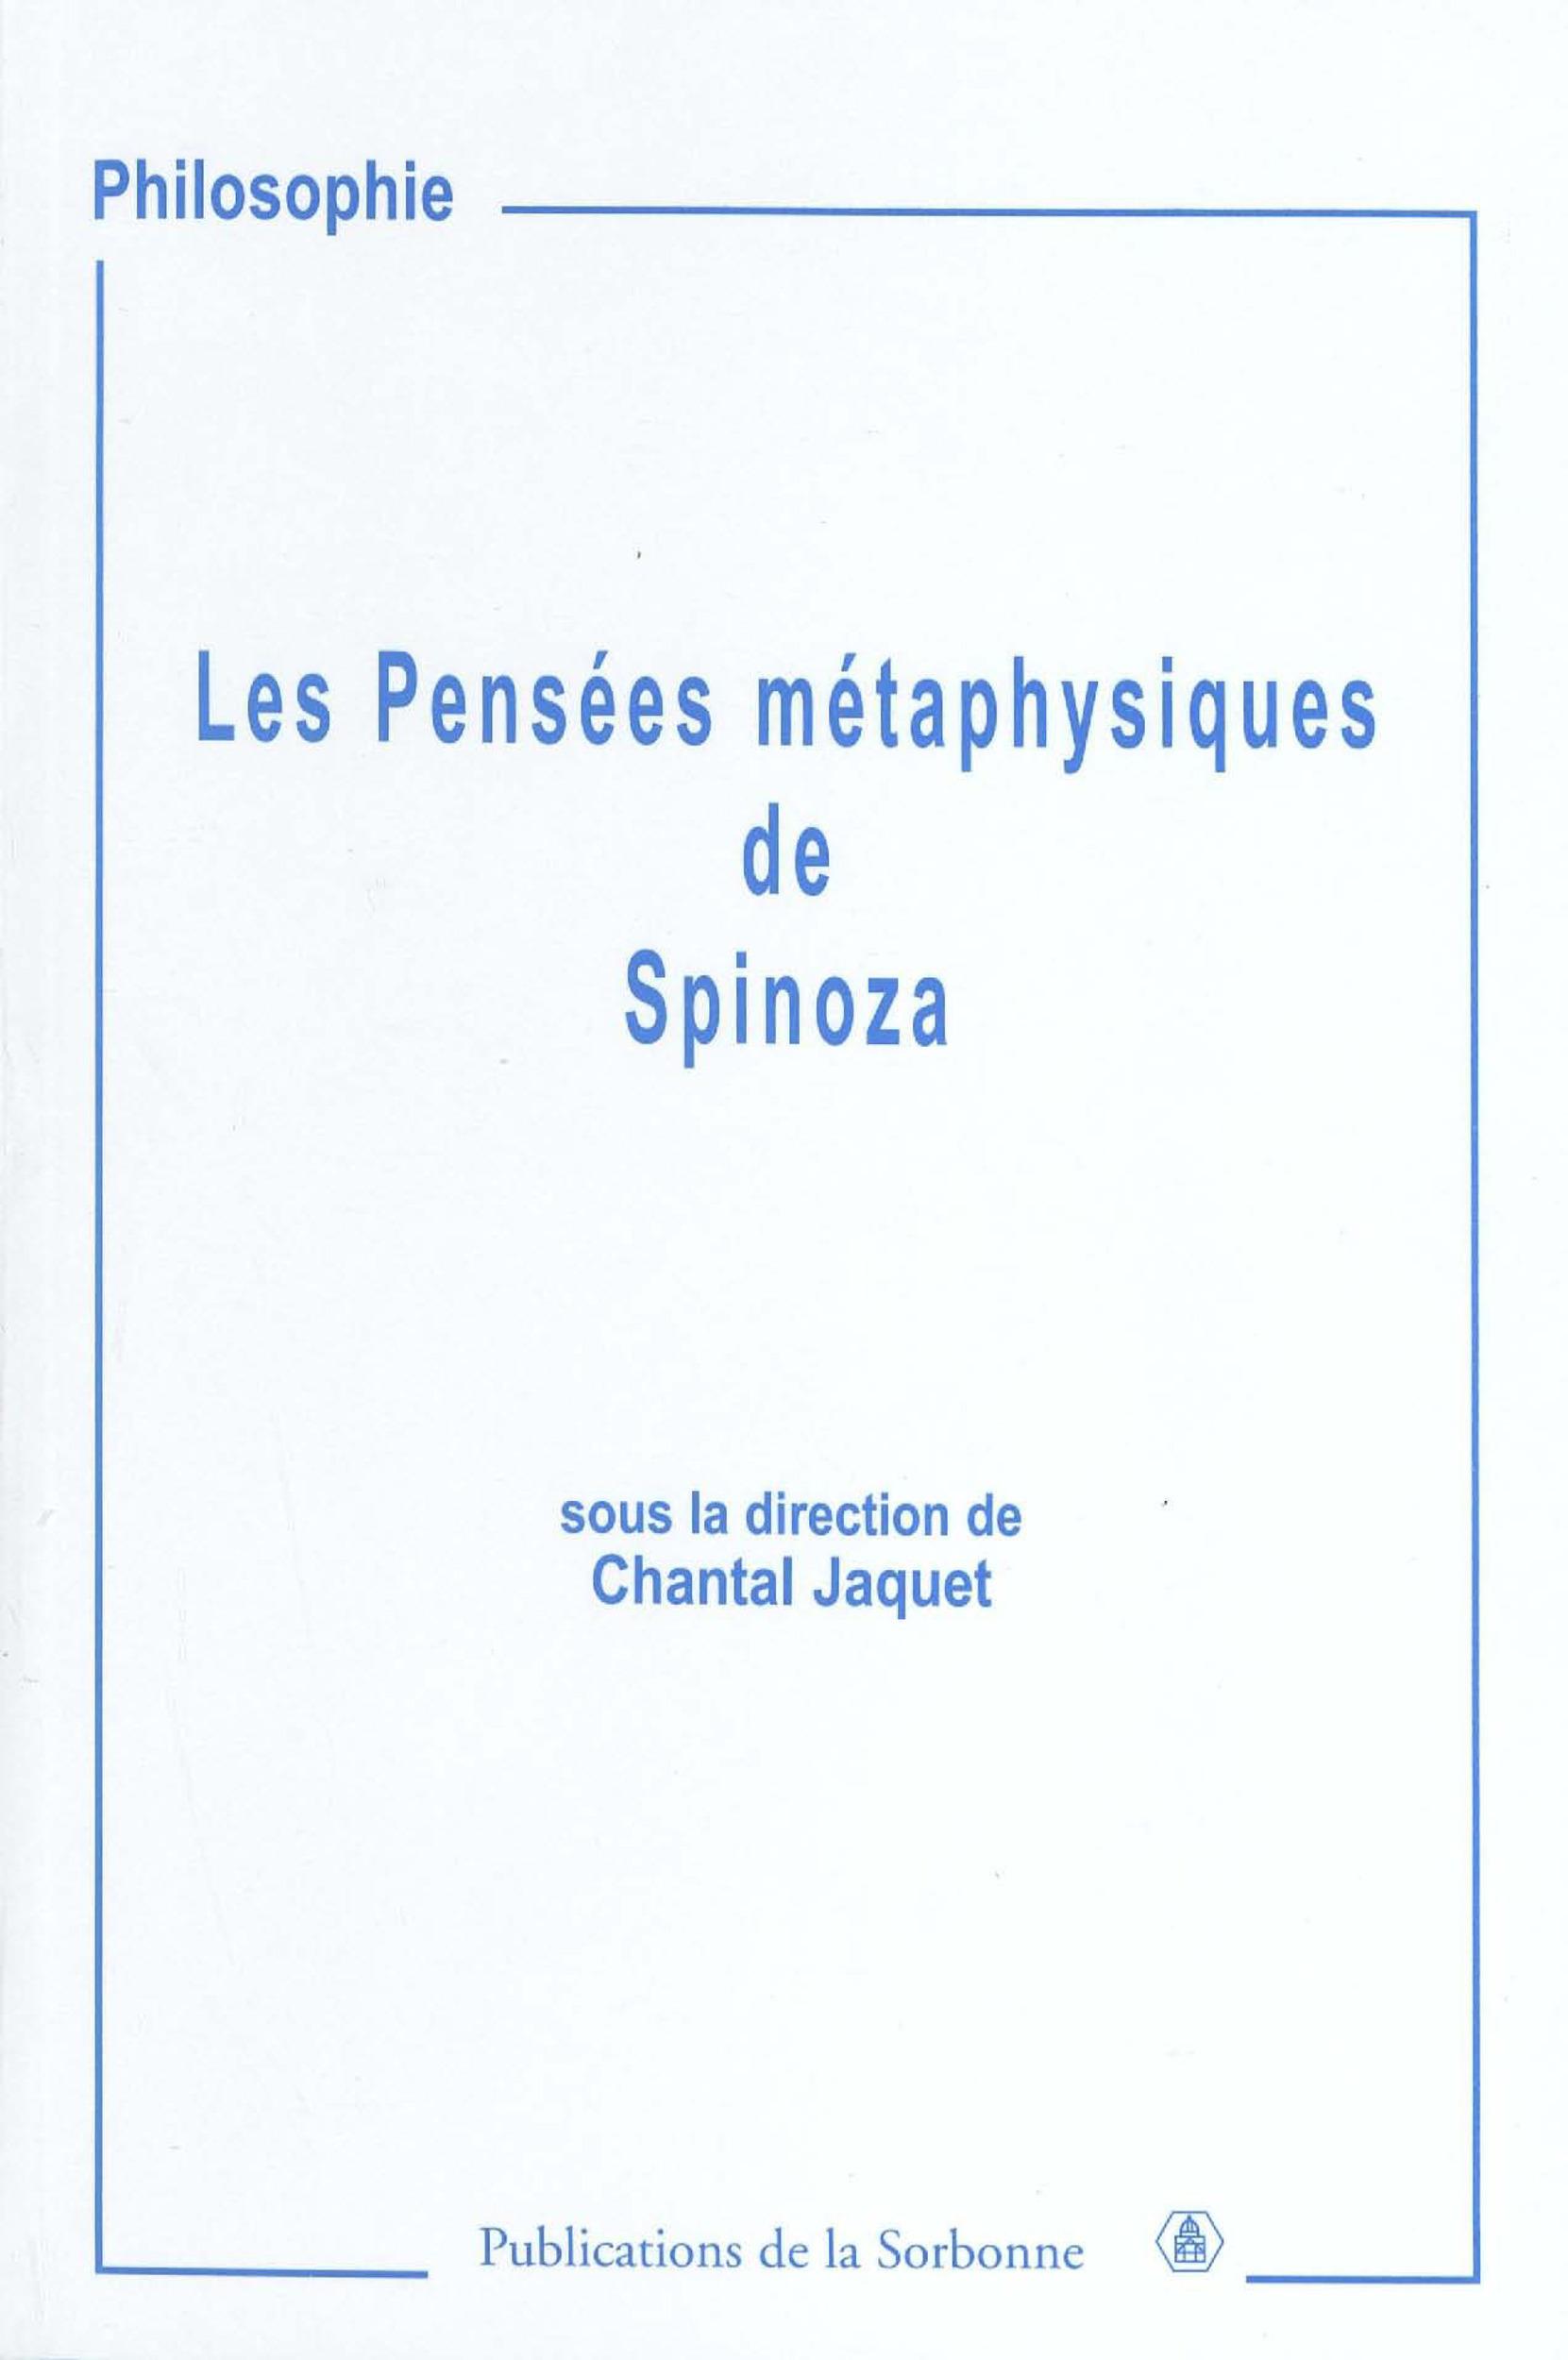 Les pensées métaphysiques de spinoza